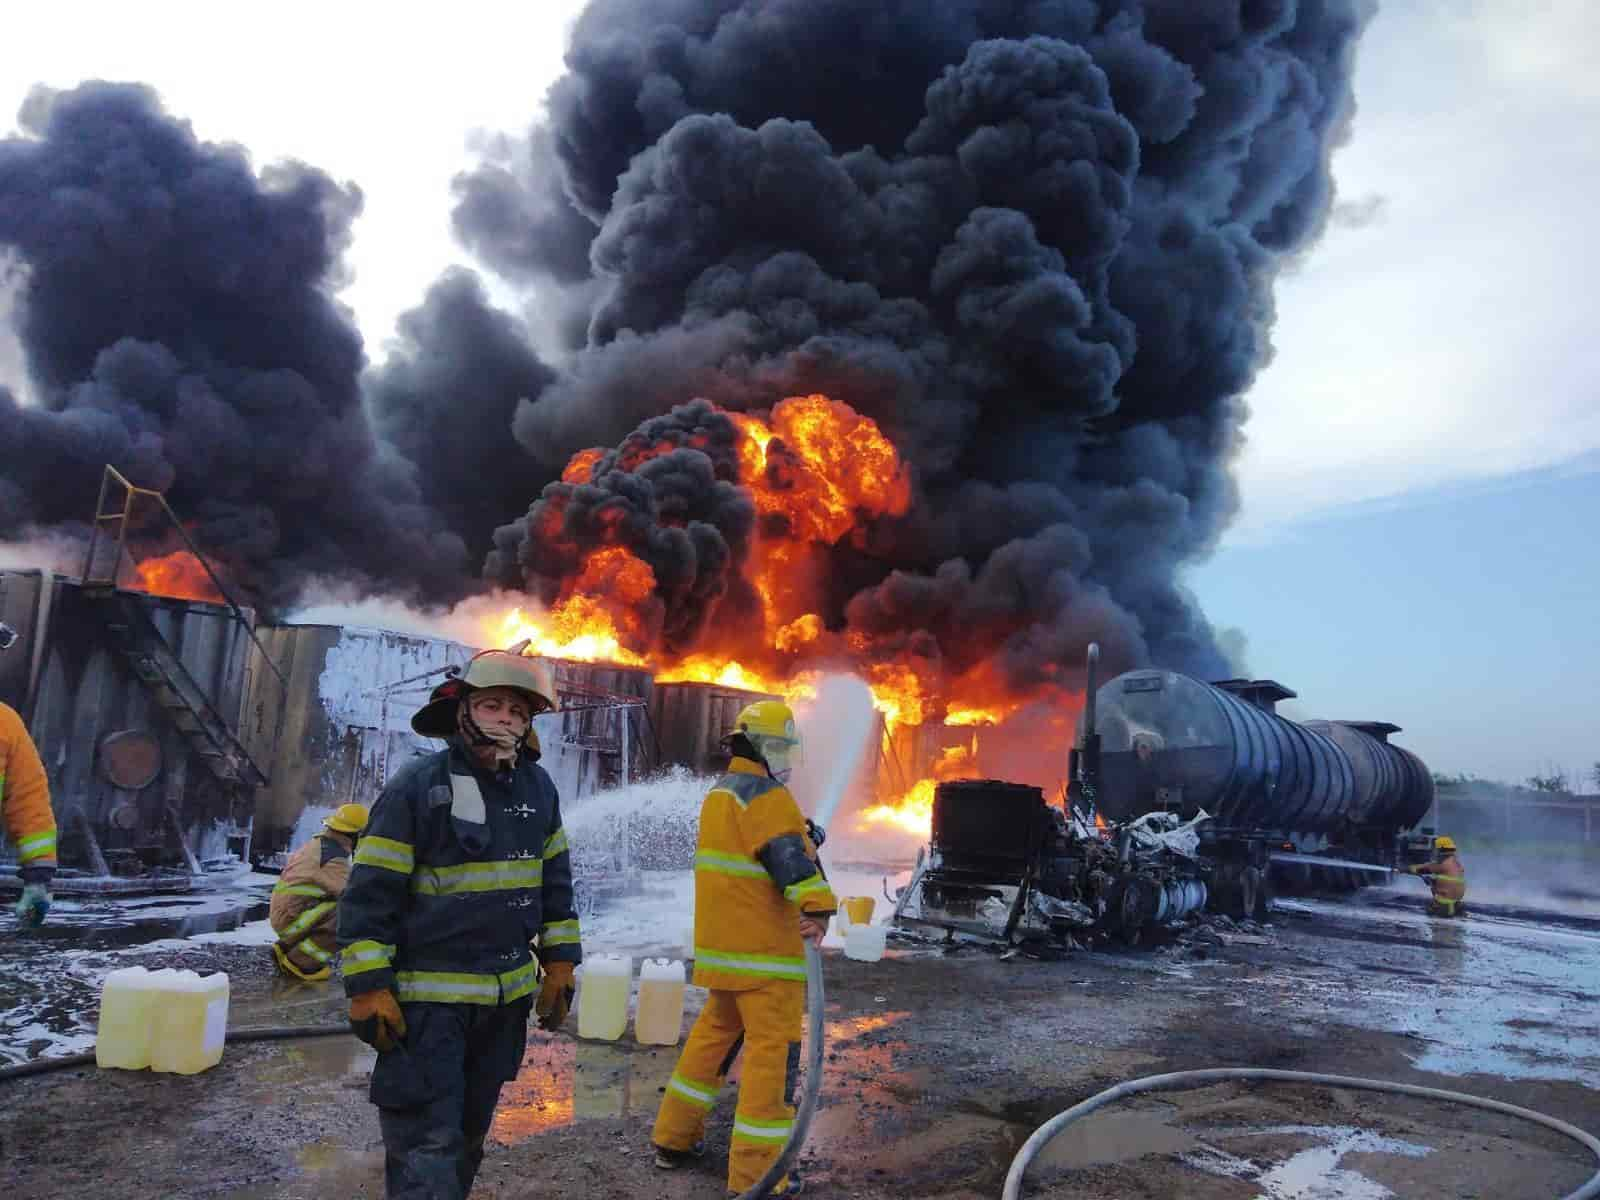 Se incendió y explotó un auto-tanque Full cargado con diésel y al menos 10 contenedores, dejando una persona grave